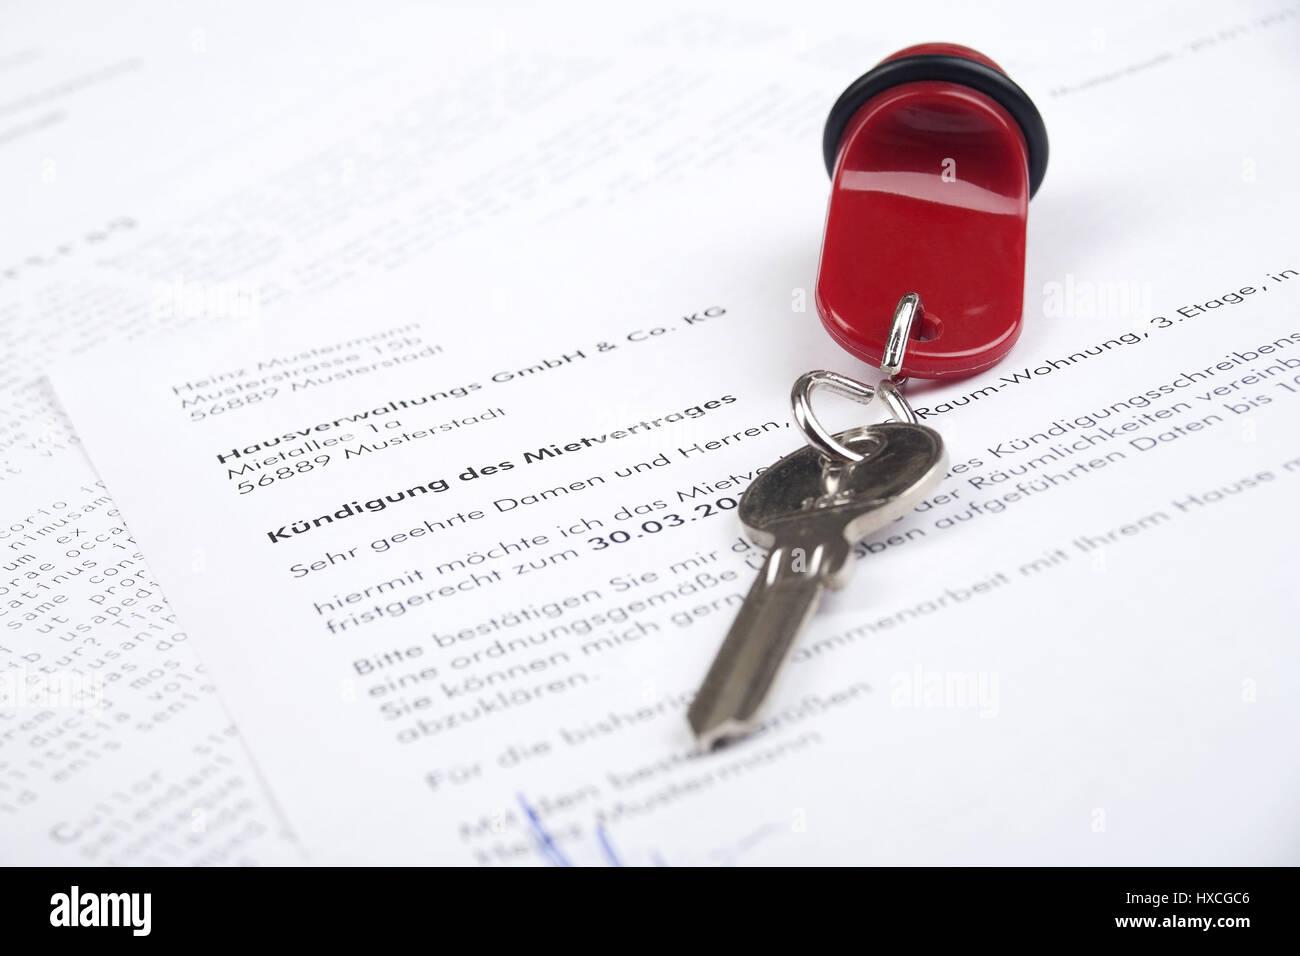 Schriftliche Mitteilung über Einen Mietvertrag Mit Einem Schlüssel